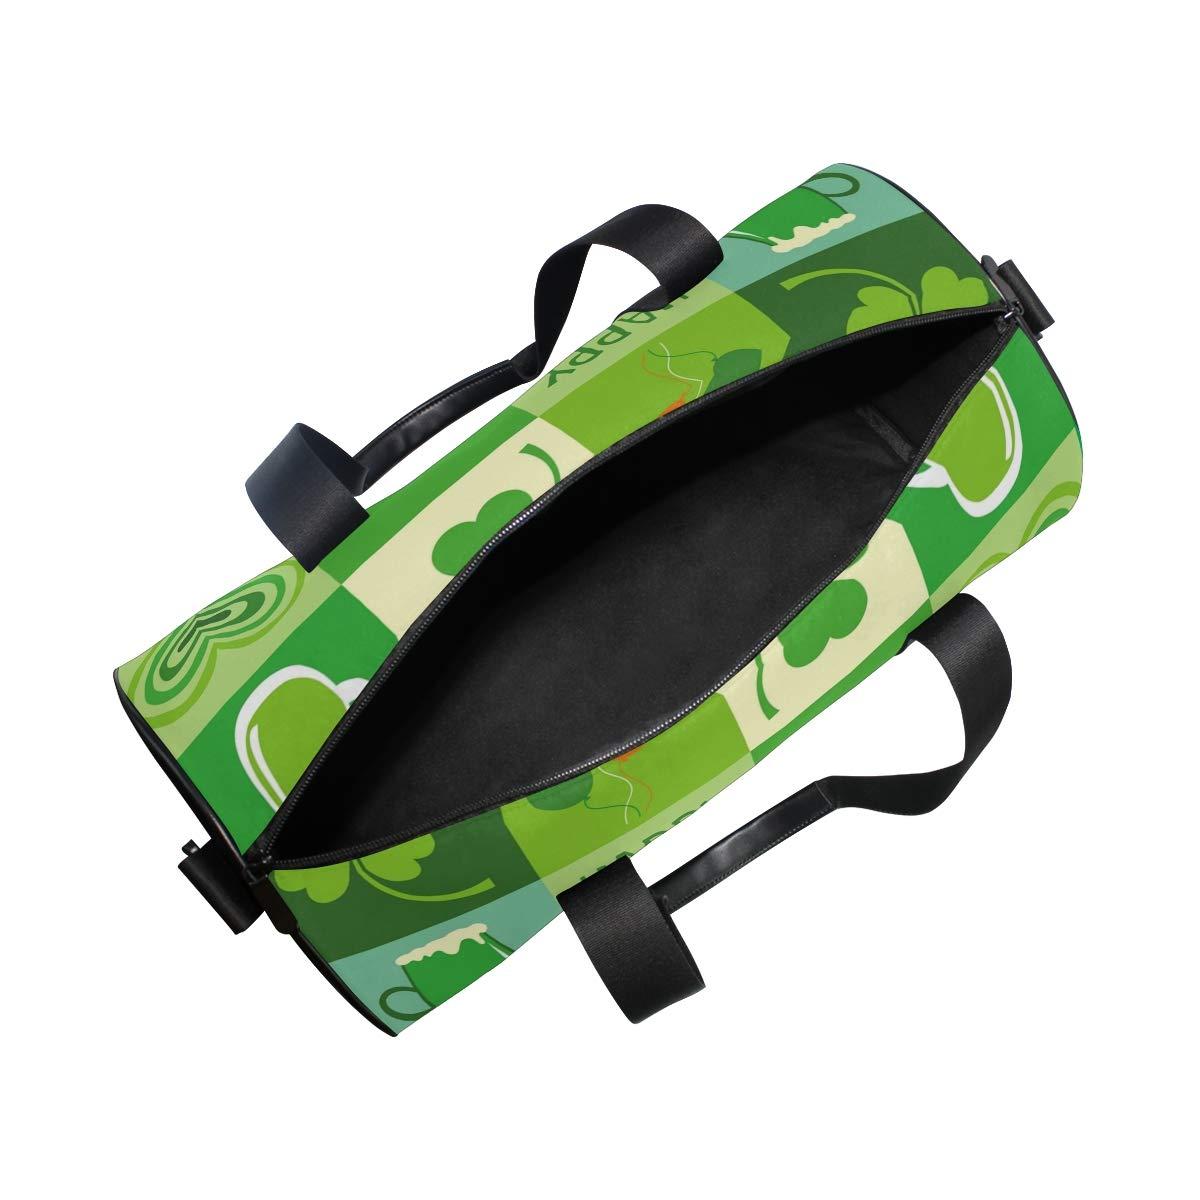 Sports Gym Duffel Barrel Bag Happy St Travel Luggage Handbag for Men Women